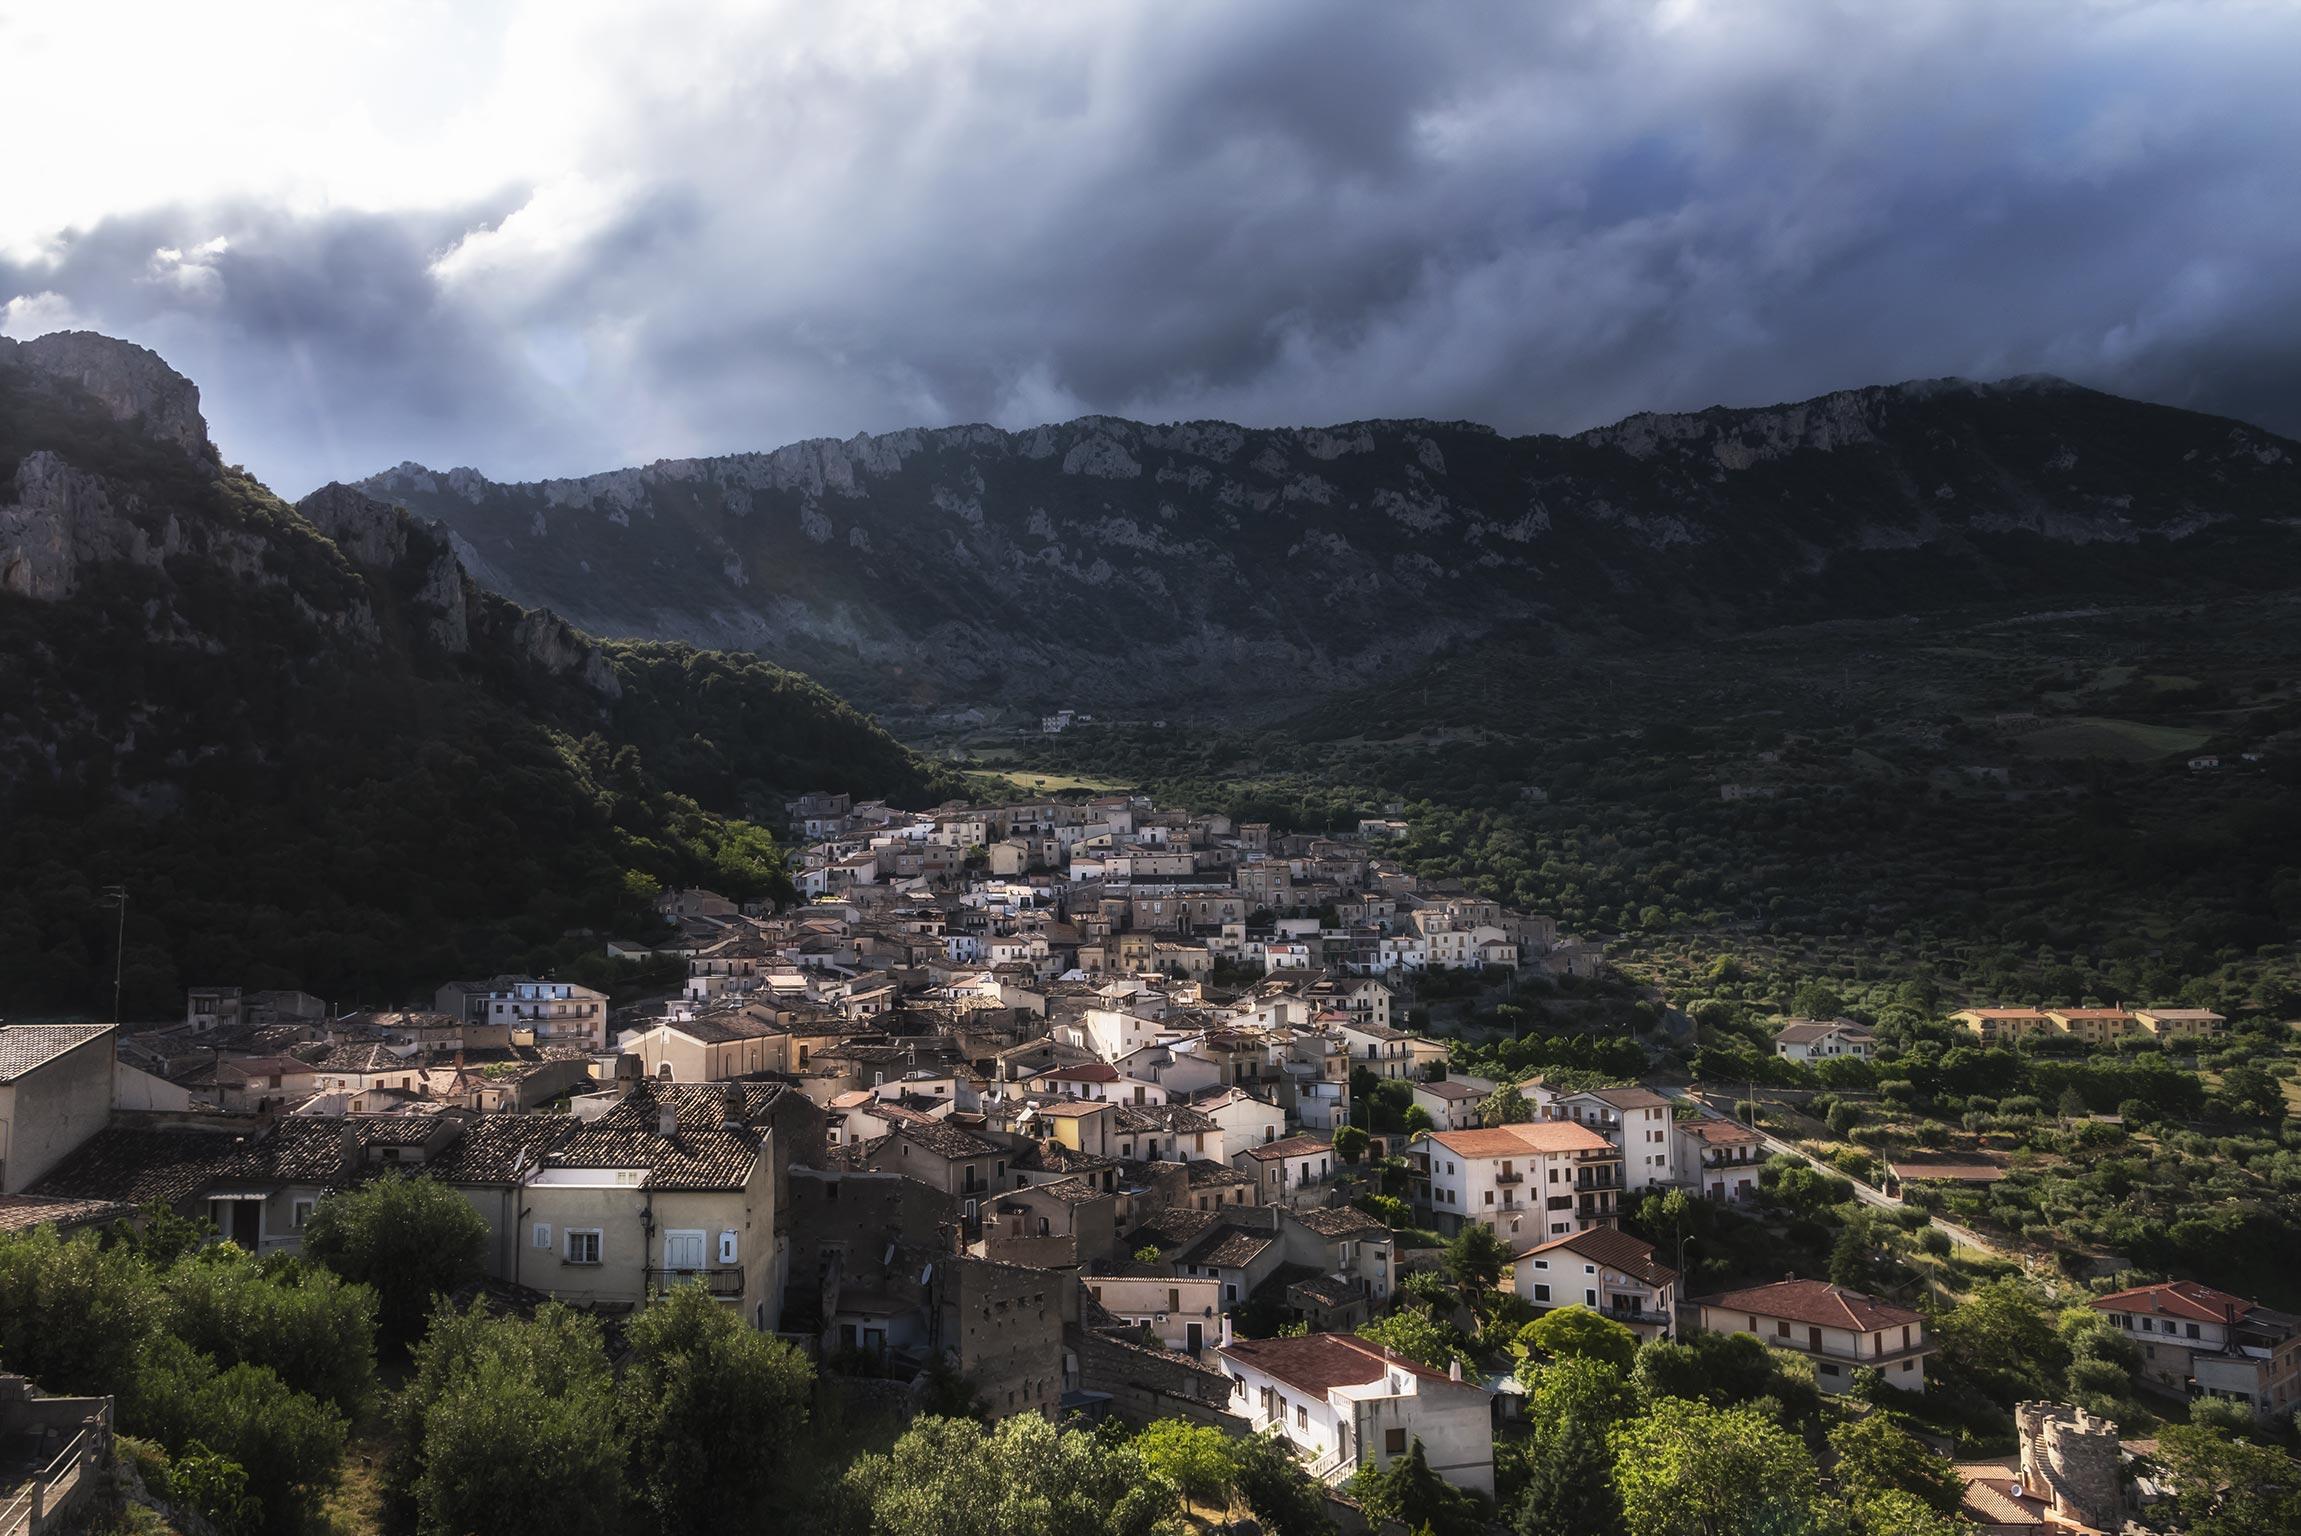 Turismo esperienziale in Calabria: visitare il borgo di Civita